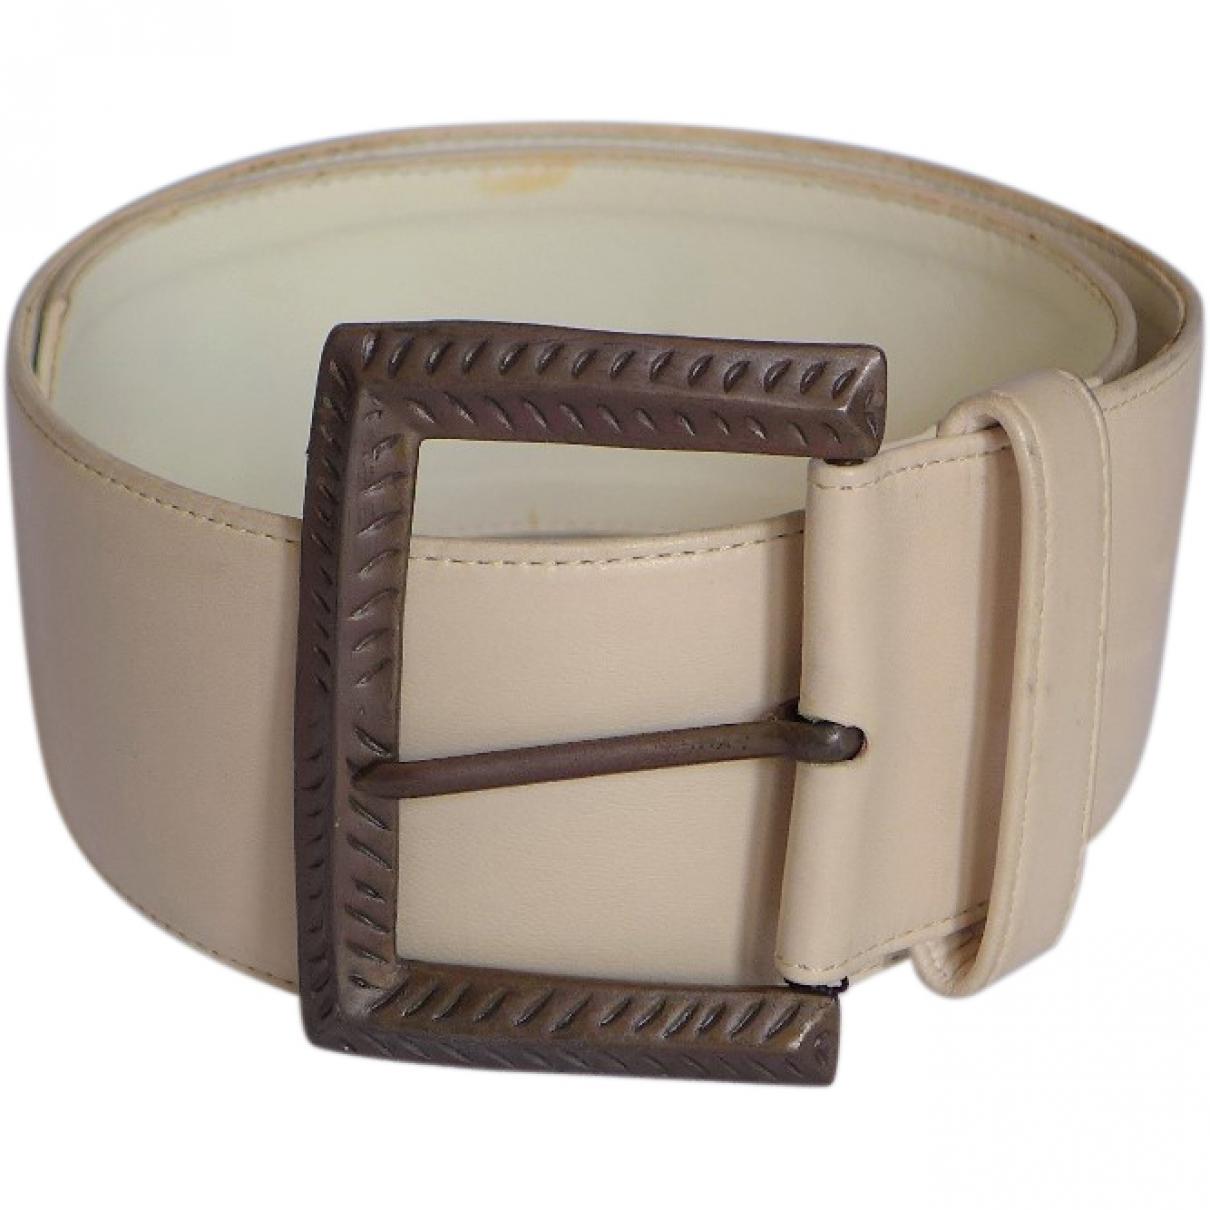 Lanvin \N Beige Leather belt for Women XS International